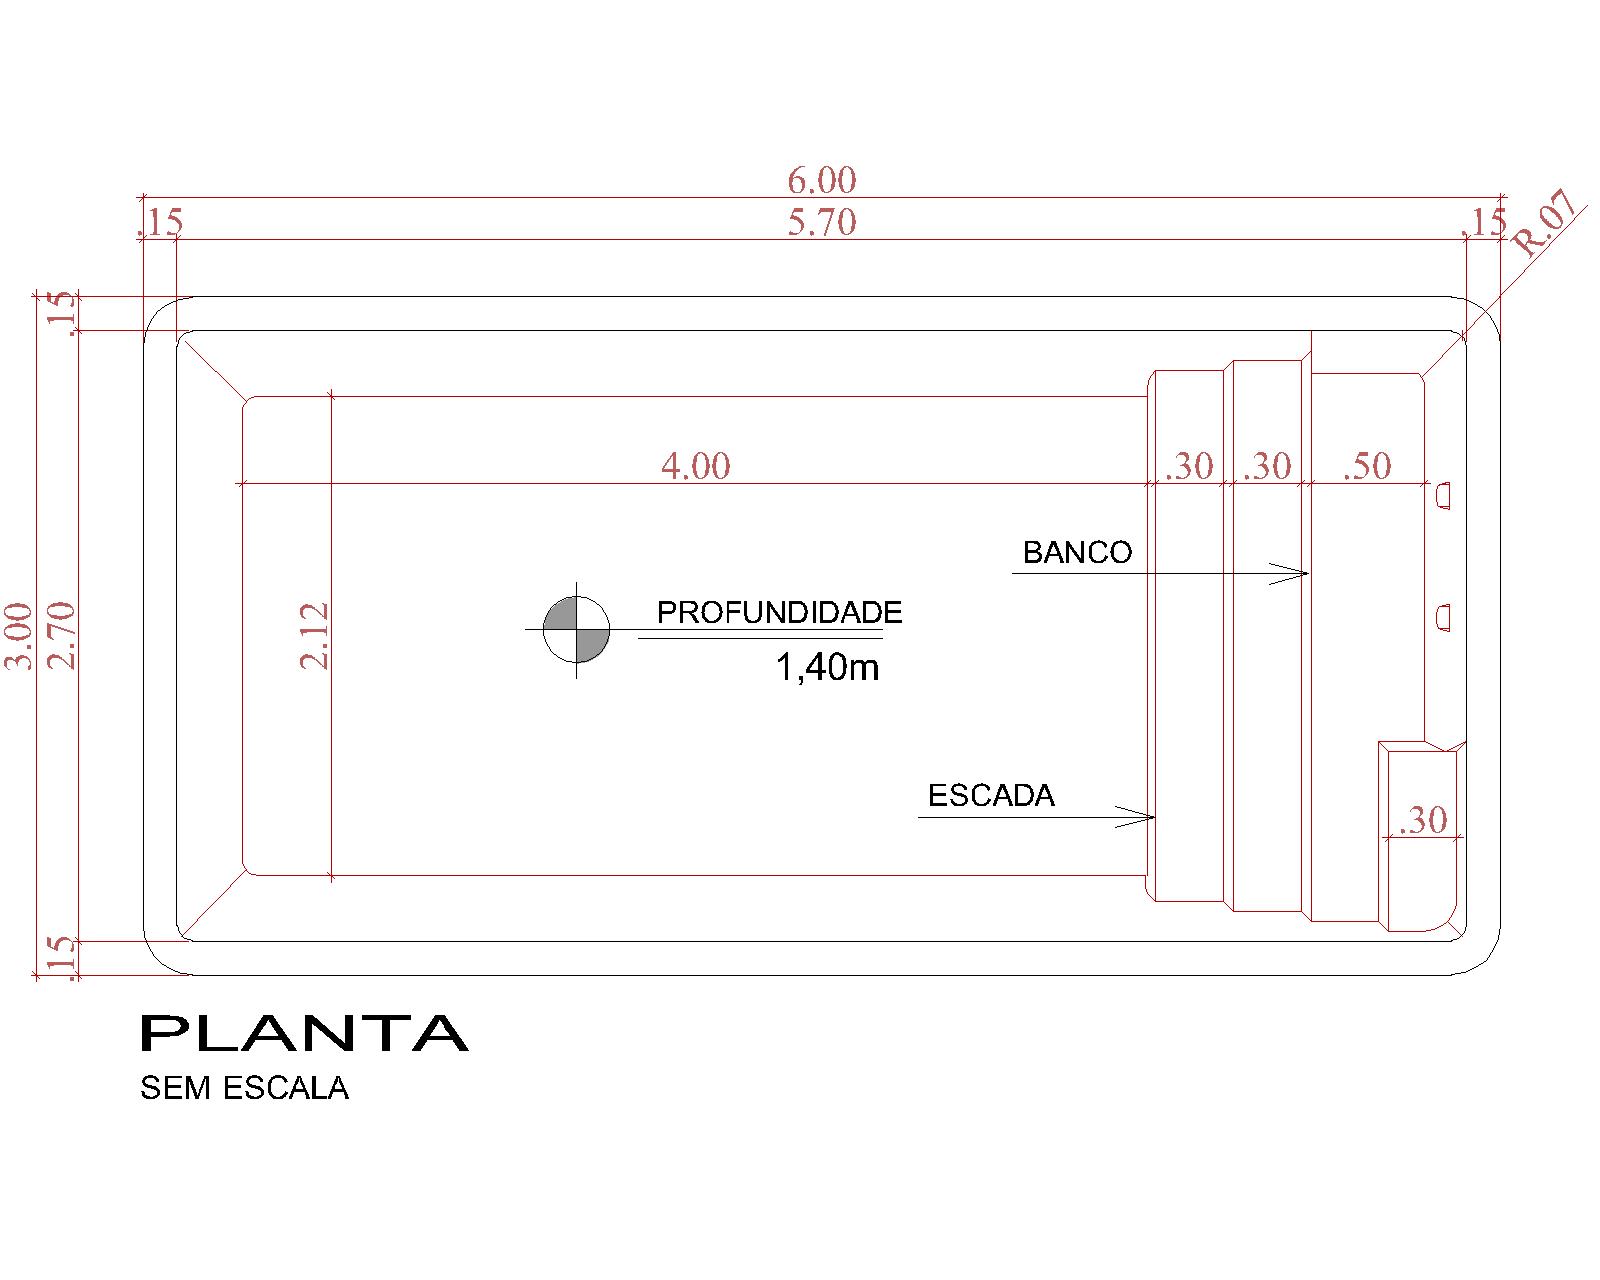 Desenho técnico Cancún (sem escala)